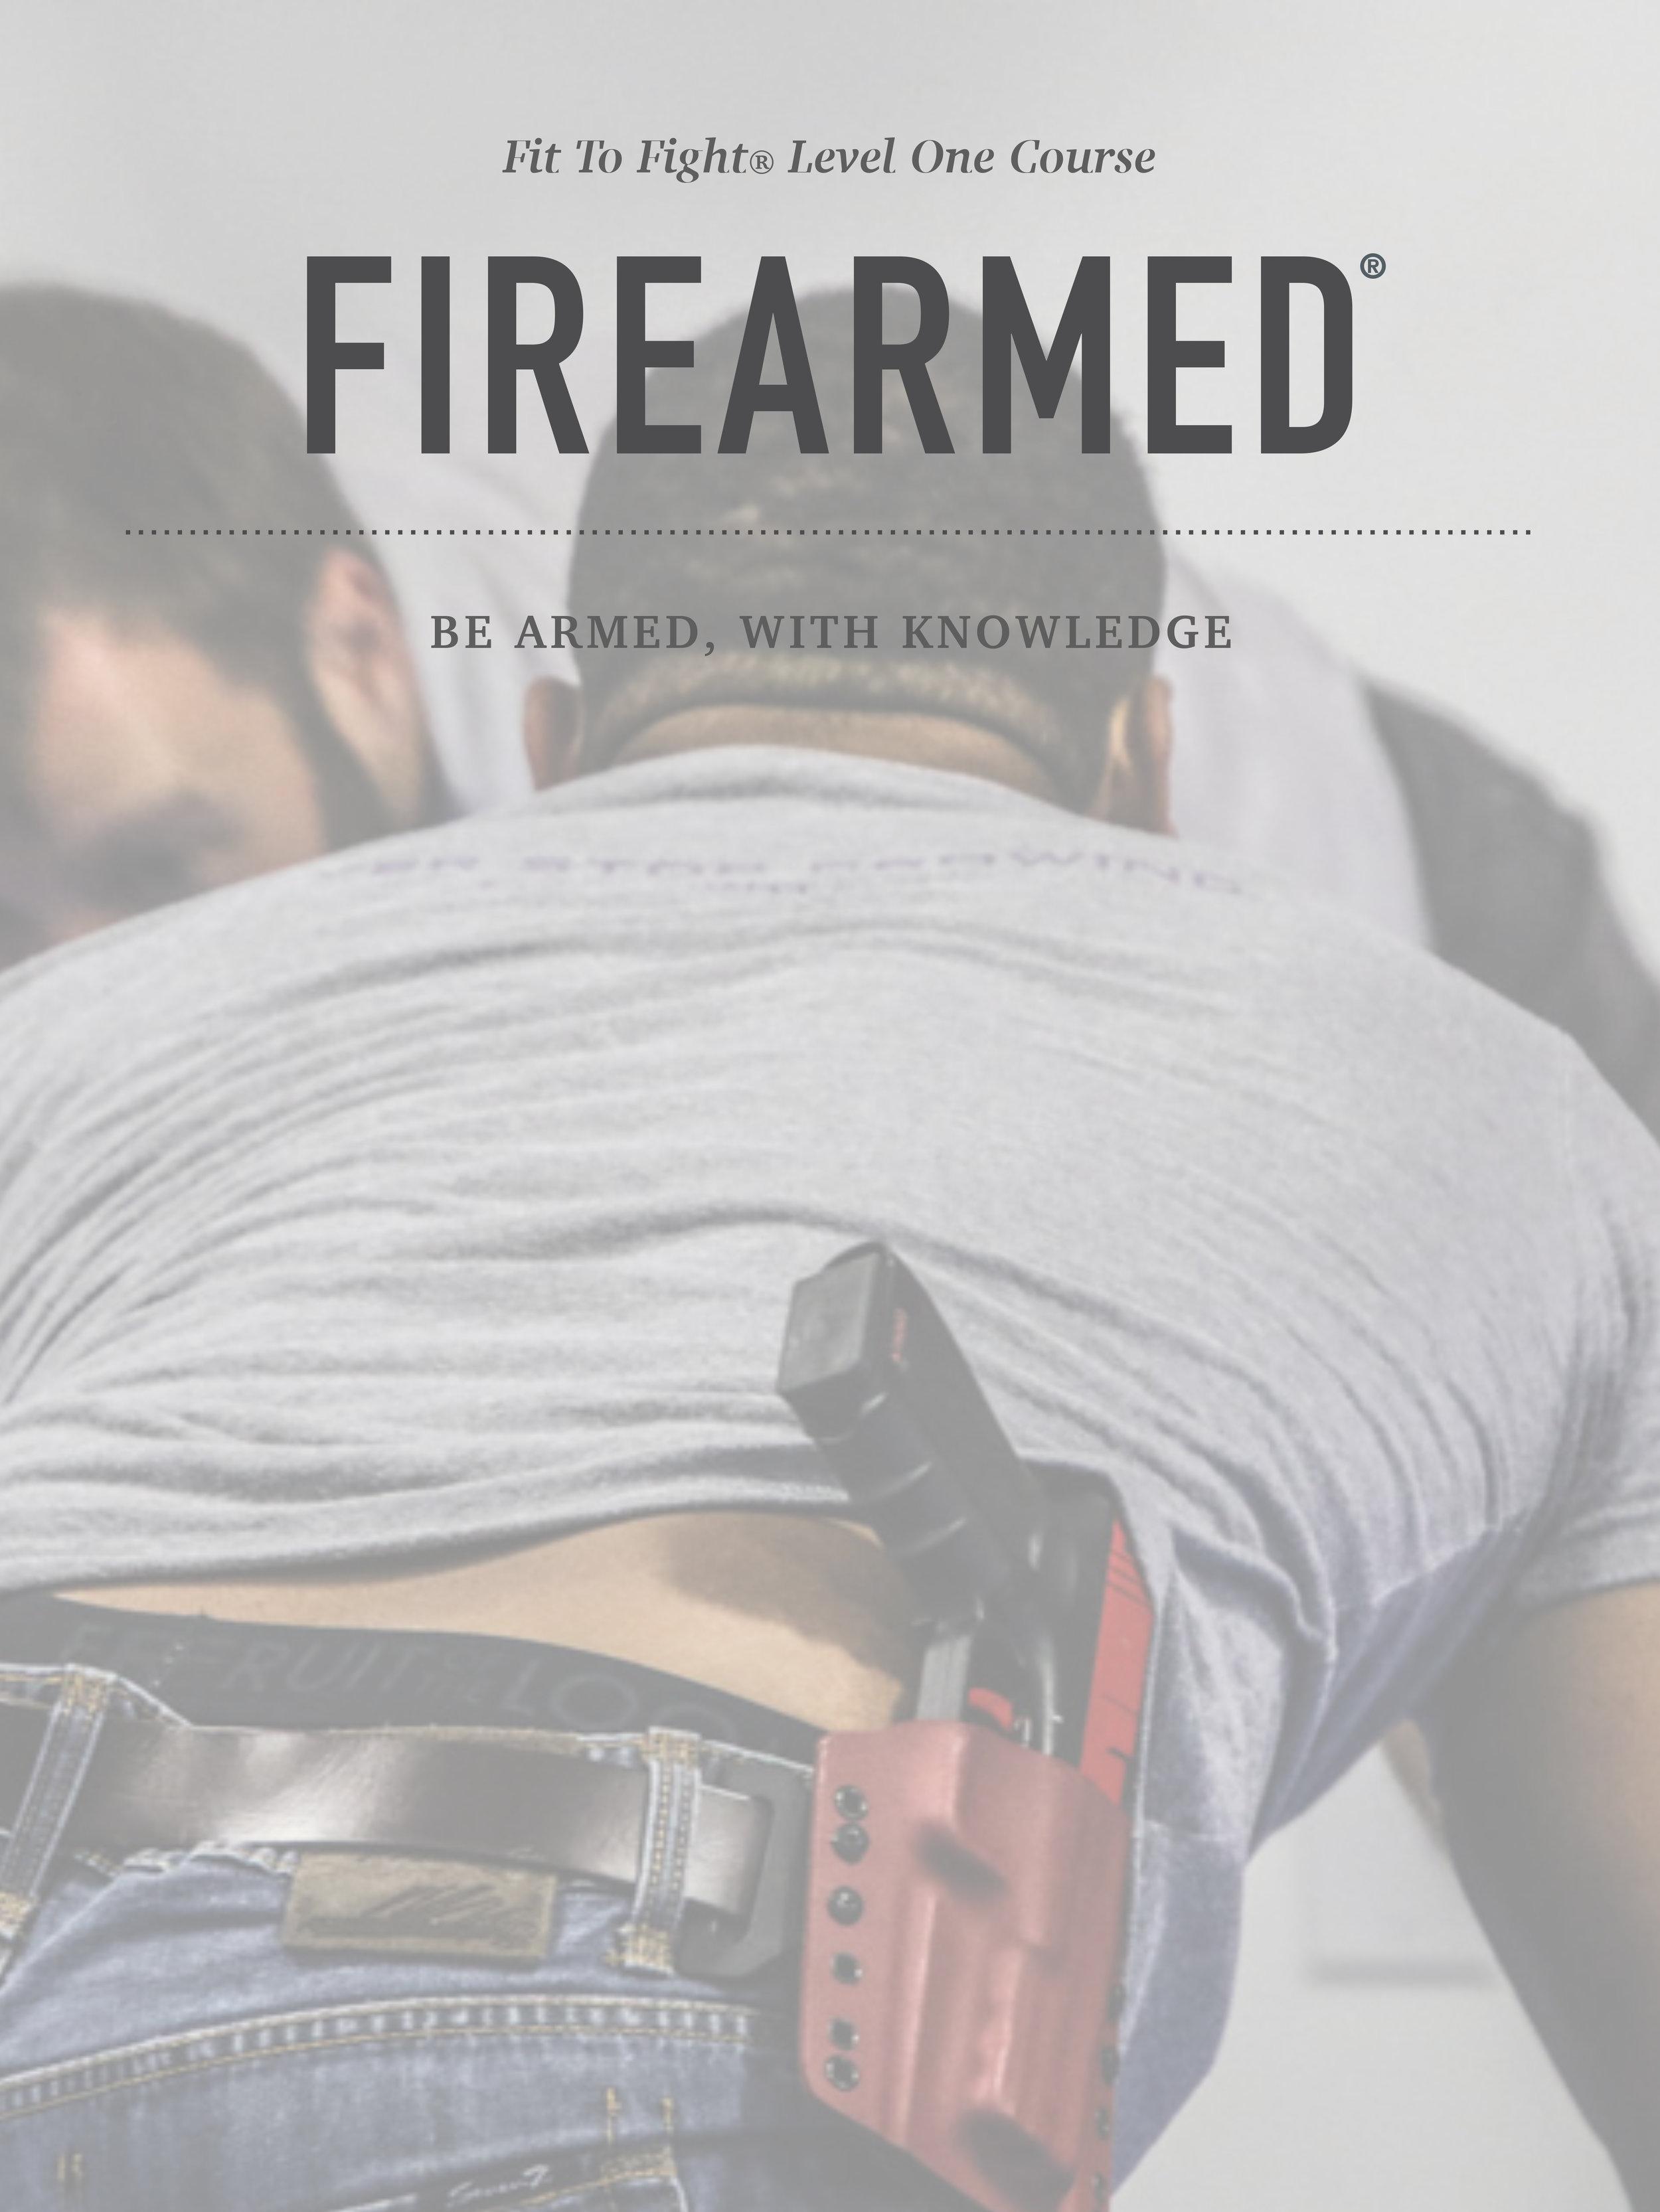 firearmedimageslev1.2-1.jpg